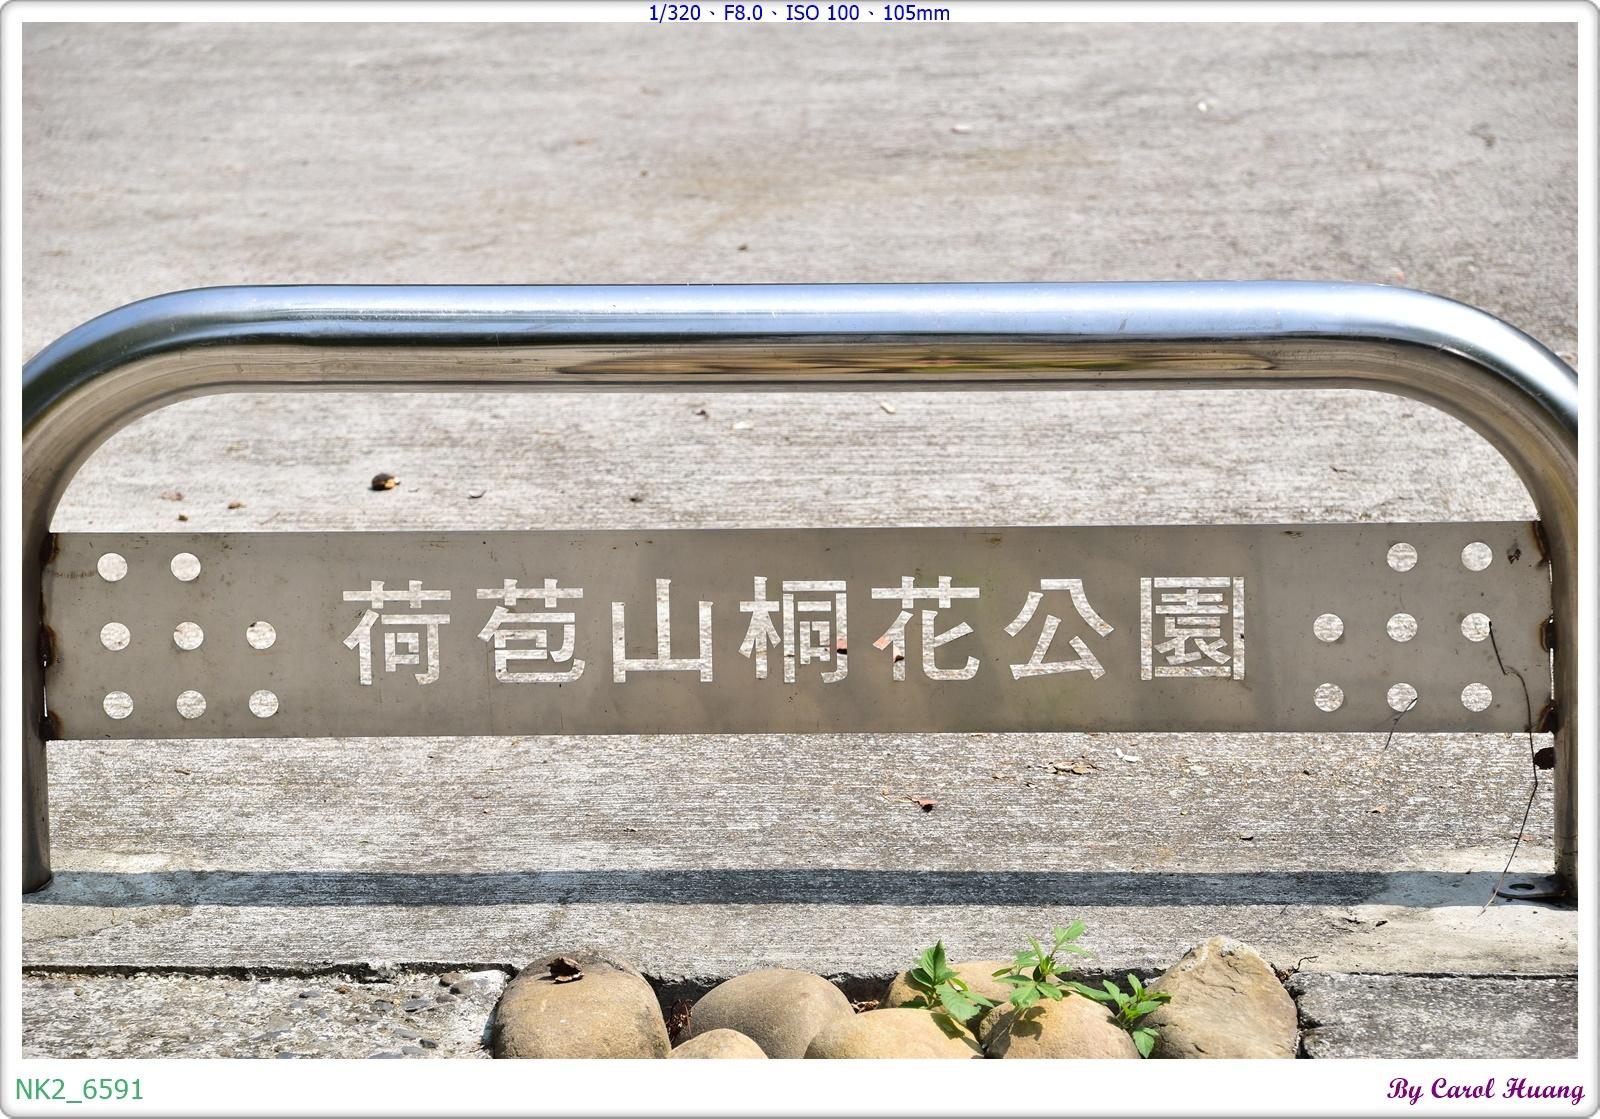 NK2_6591.JPG